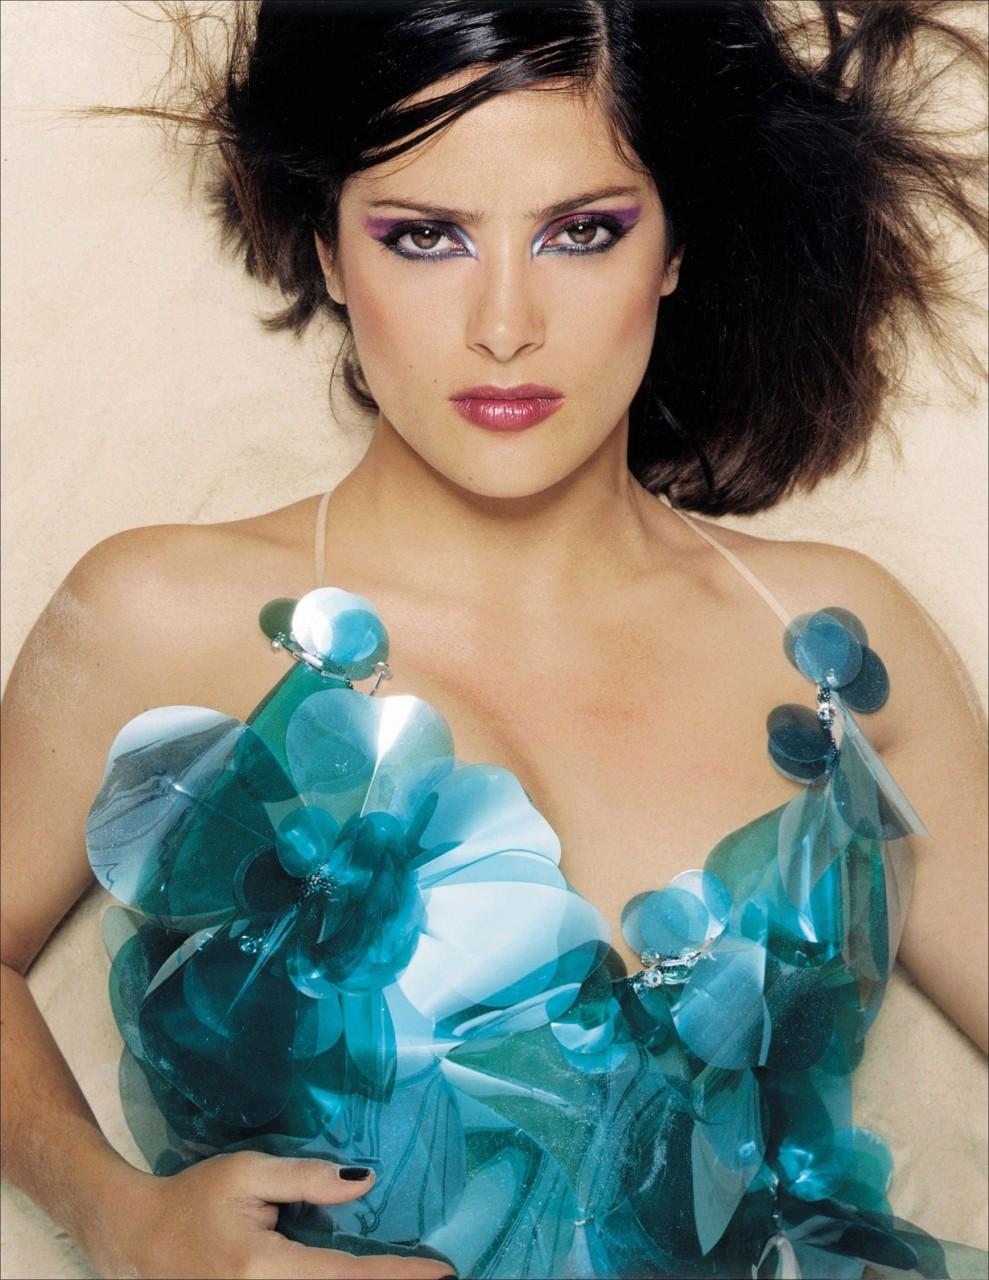 Сальма Хайек  в фотосессии для журнала Flaunt март 2000